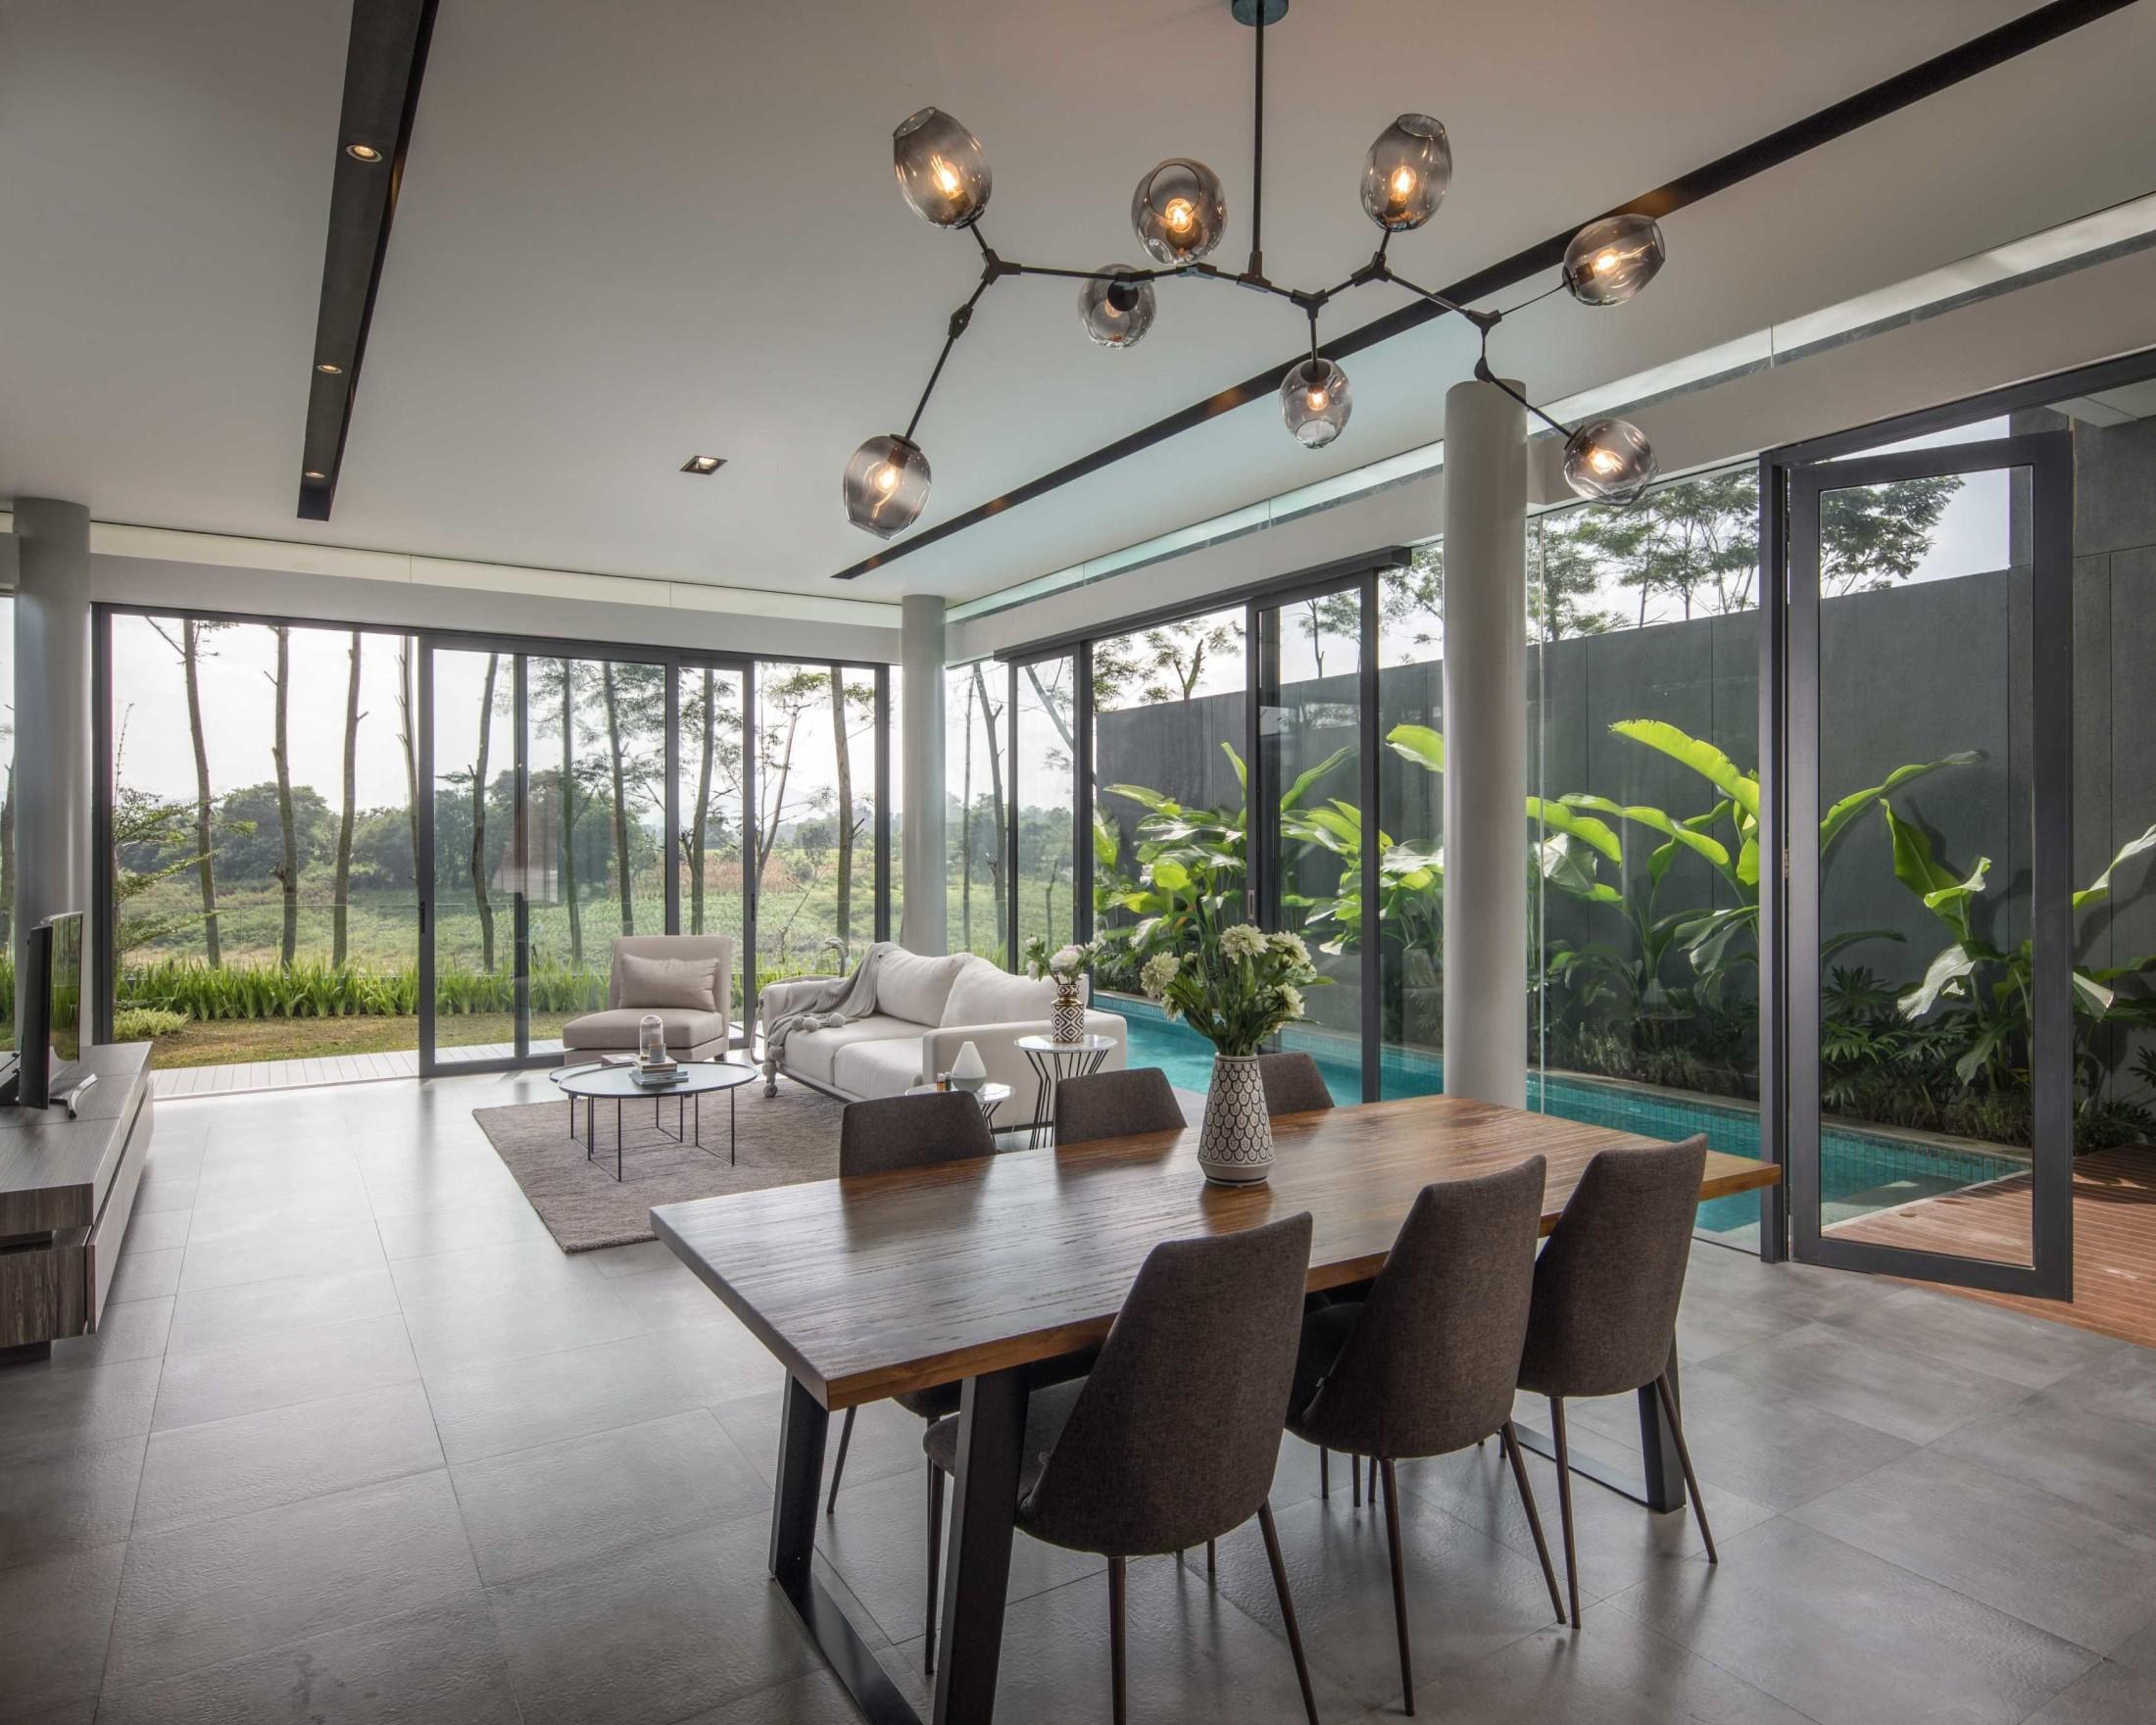 Konsep ruang terbuka yang menyatu dengan alam pada rumah modern minimalis (Sumber: arsitag.com)